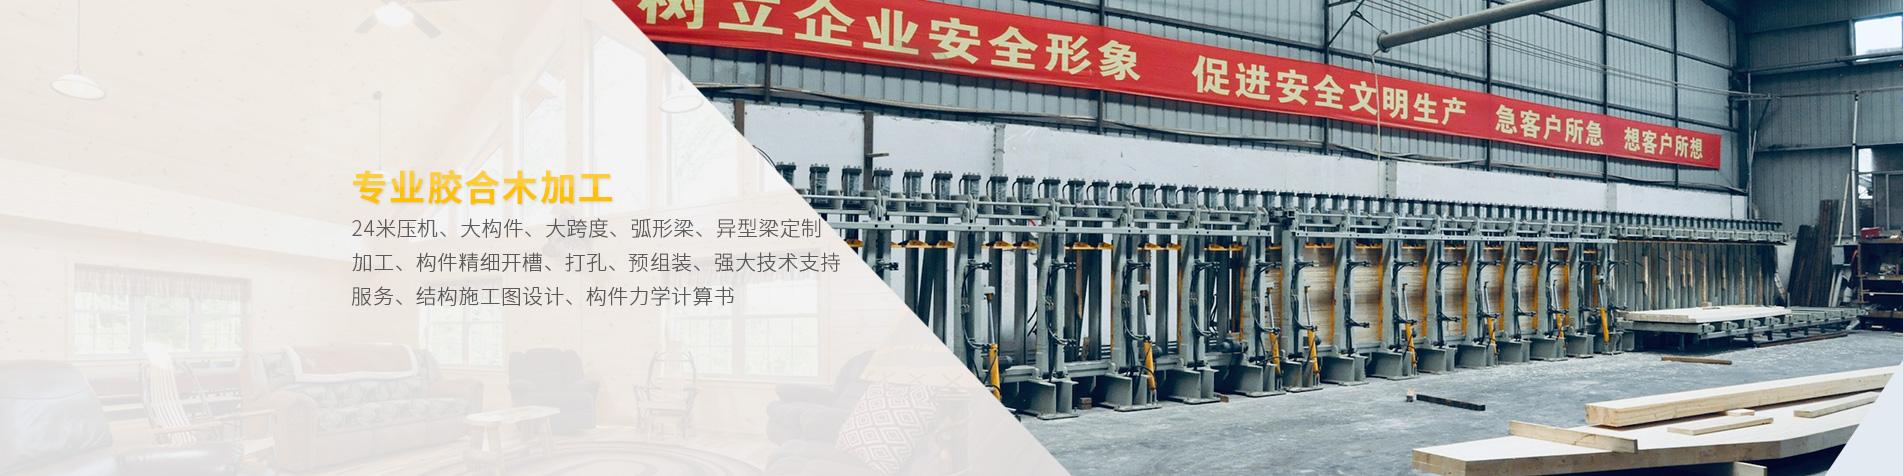 上海osb板厂商